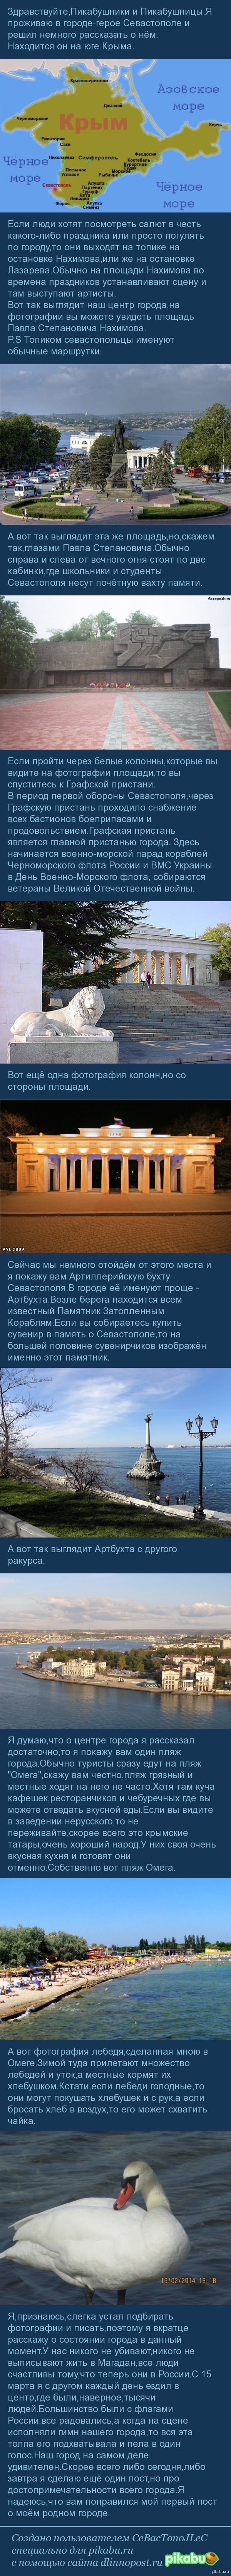 Длиннопост о моём родном городе Севастополе. Если вам понравится,то постараюсь сделать ещё пару постов,но про достопримечательности всего города и куда и откуда можно доехать.